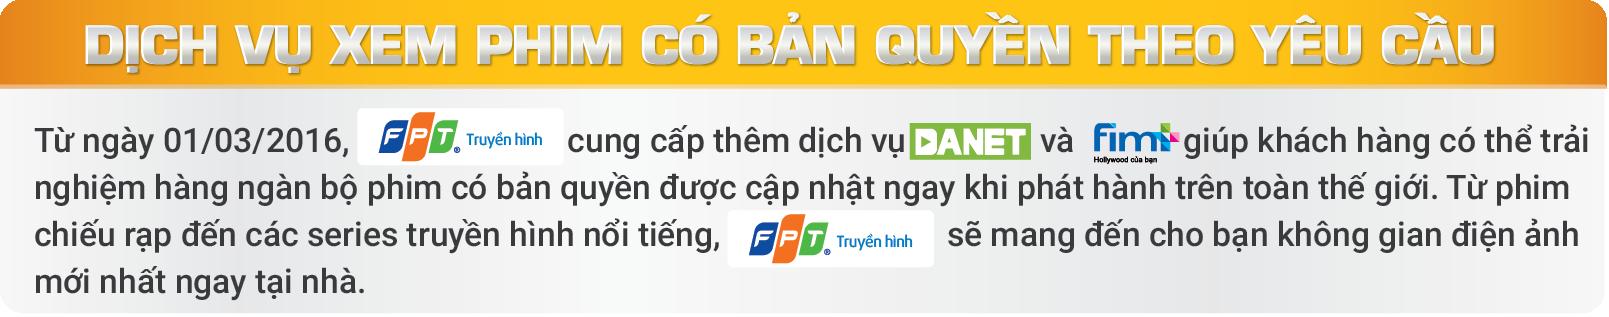 goicuoctruyenhinhfpt2